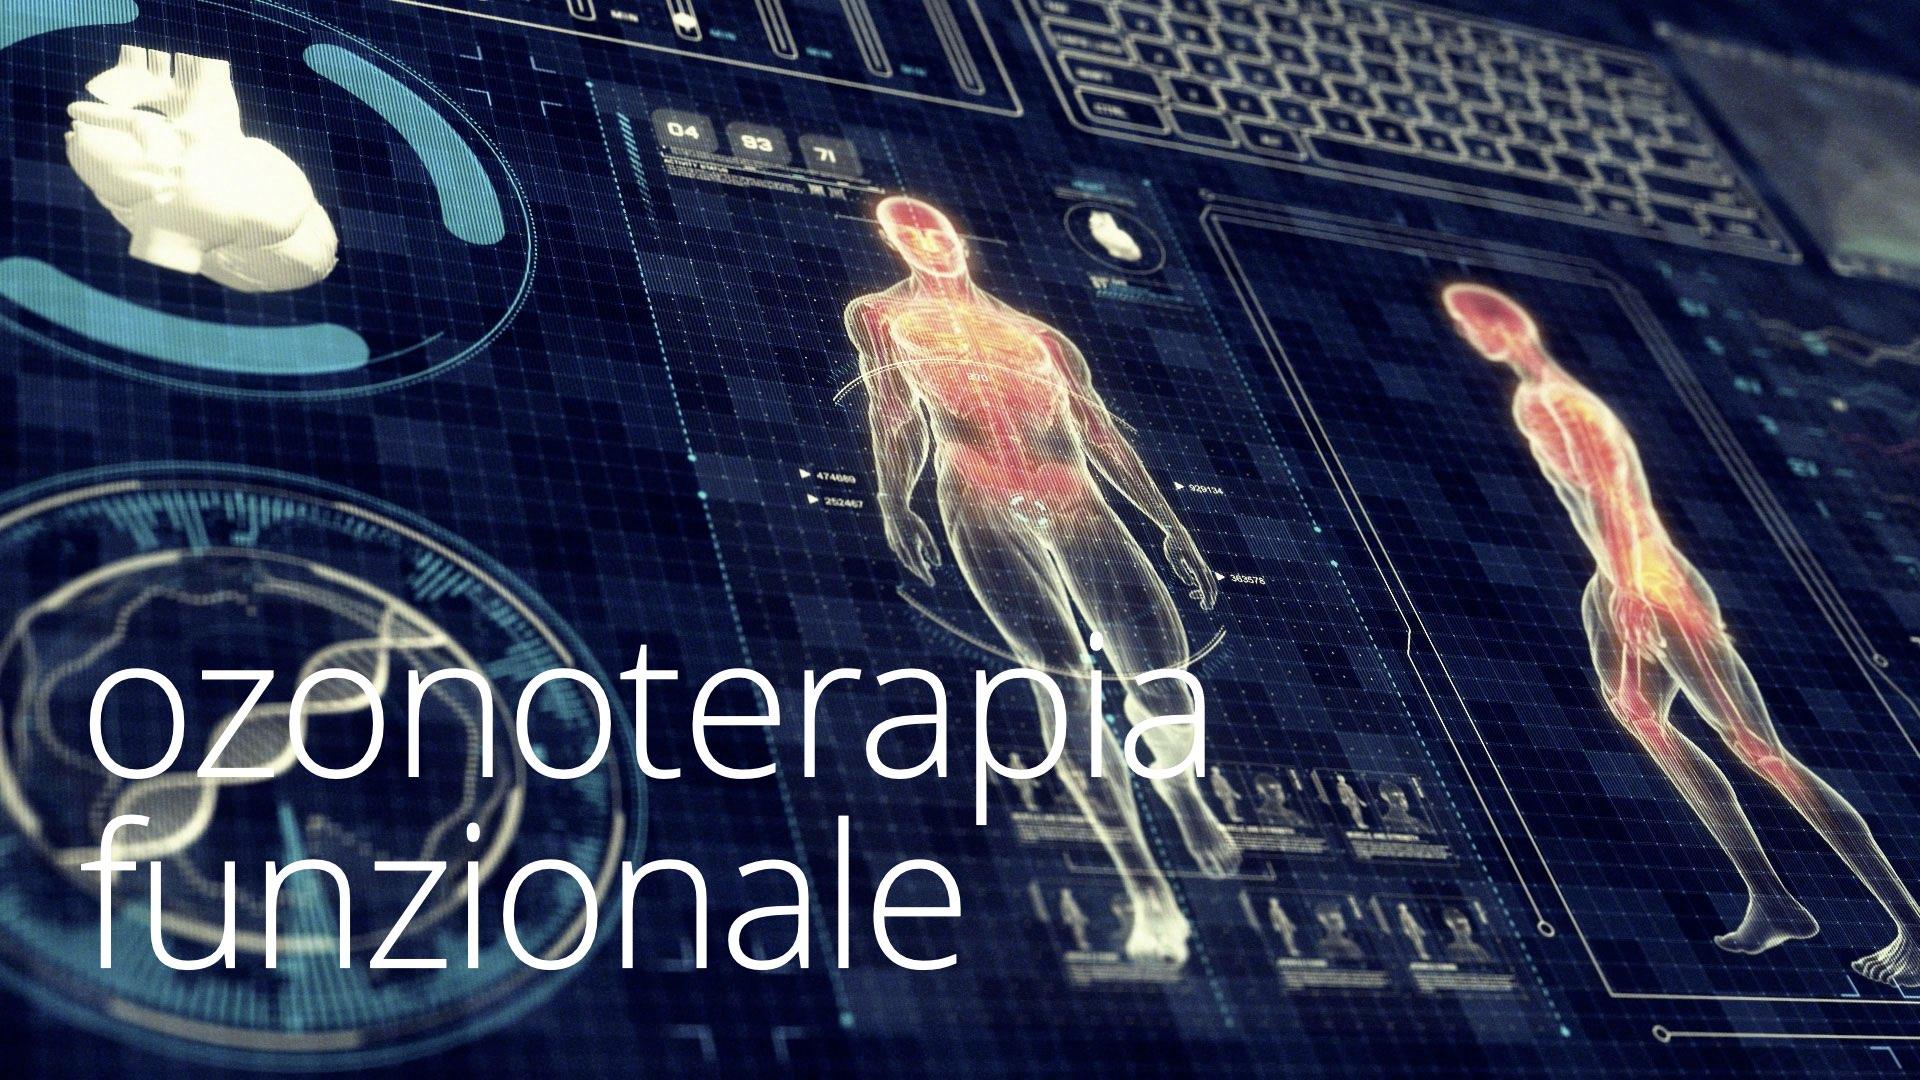 ozonoterapia funzionale